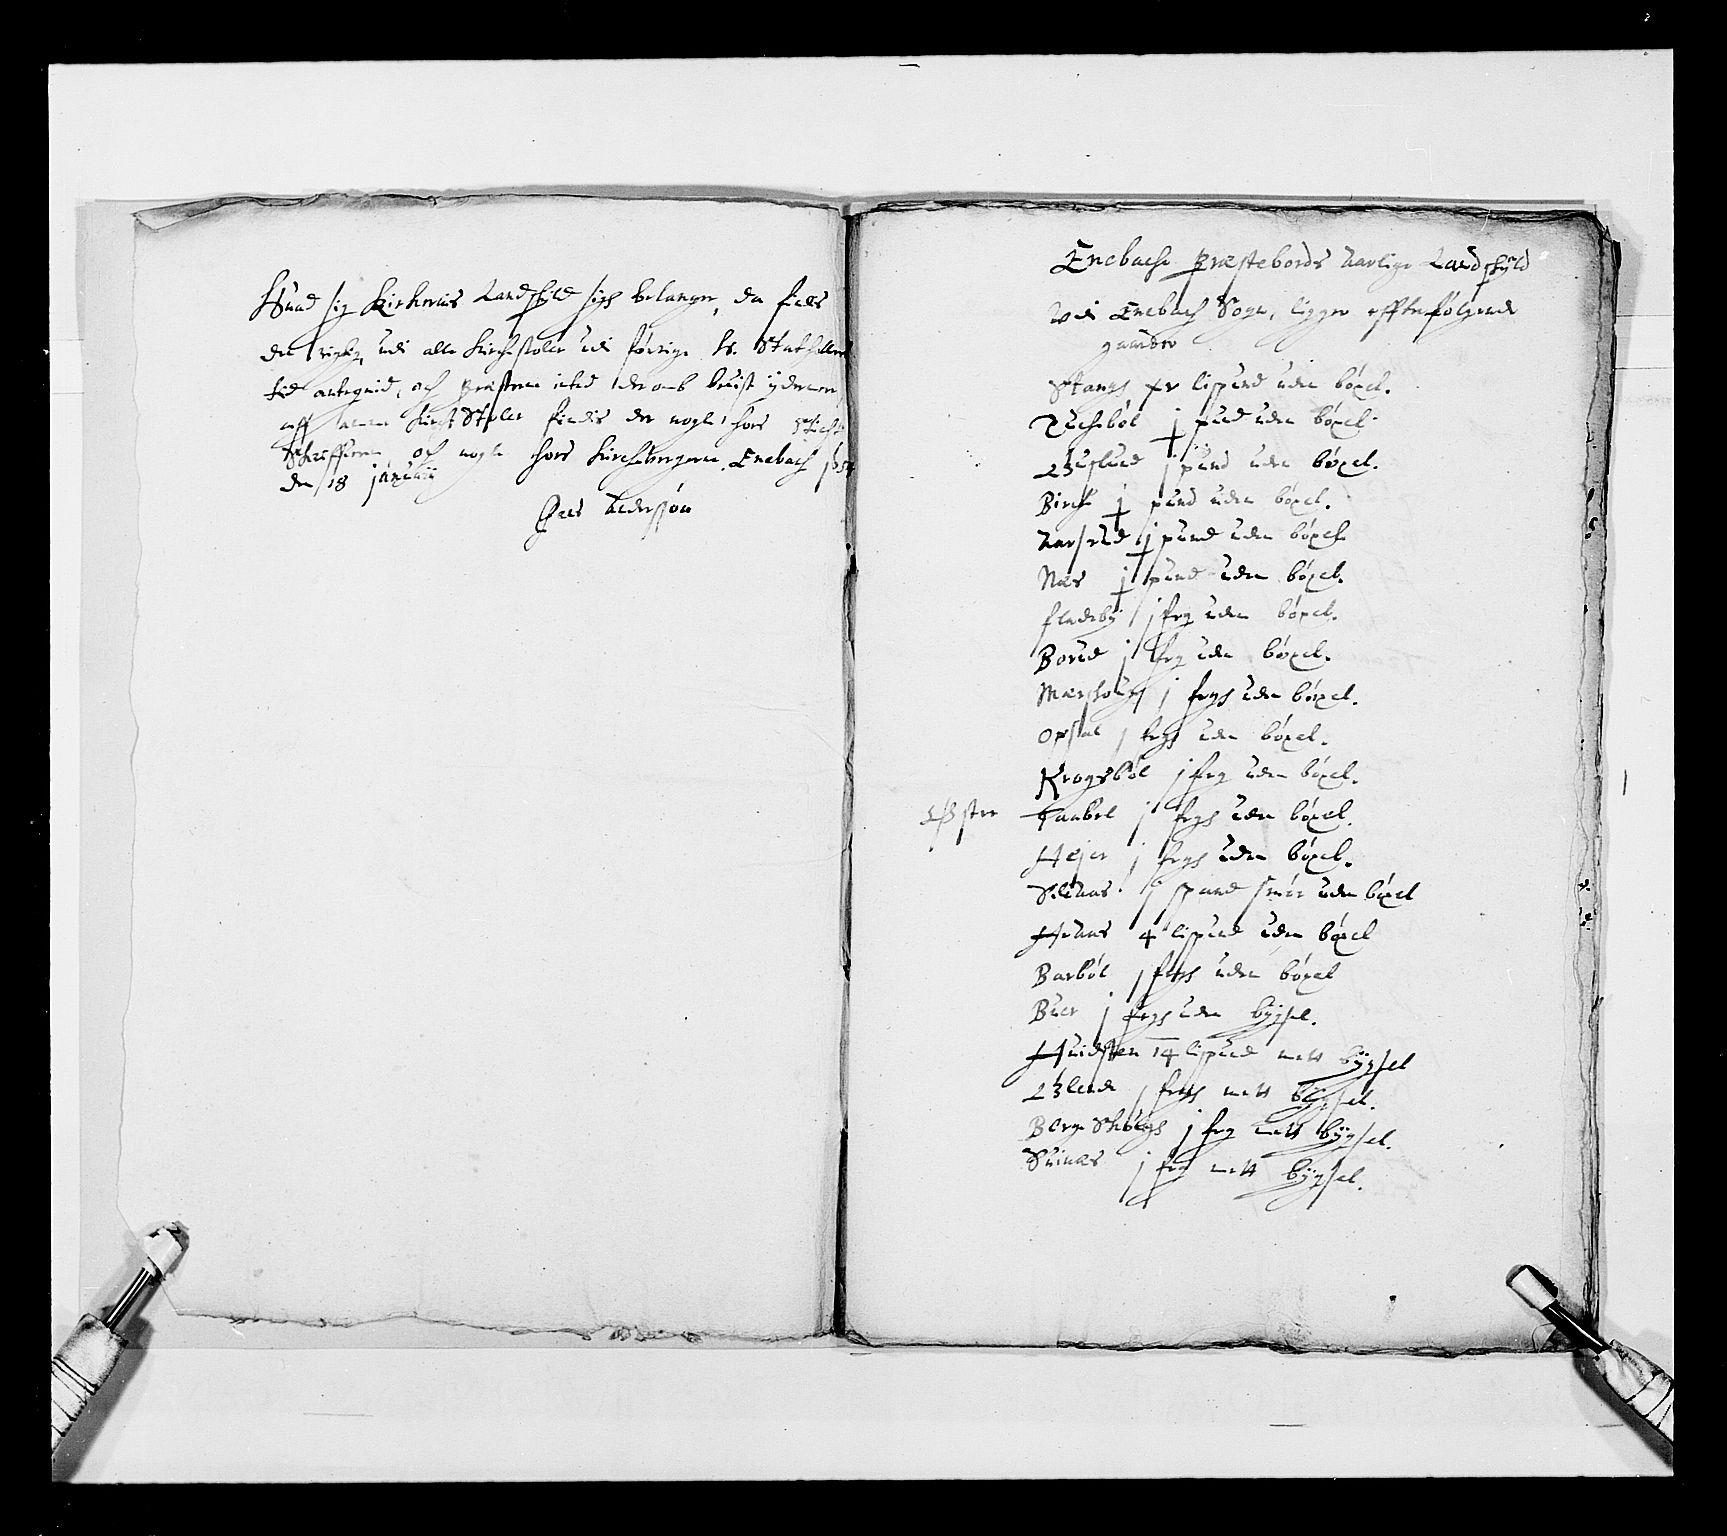 RA, Stattholderembetet 1572-1771, Ek/L0030: Jordebøker 1633-1658:, 1654, s. 200